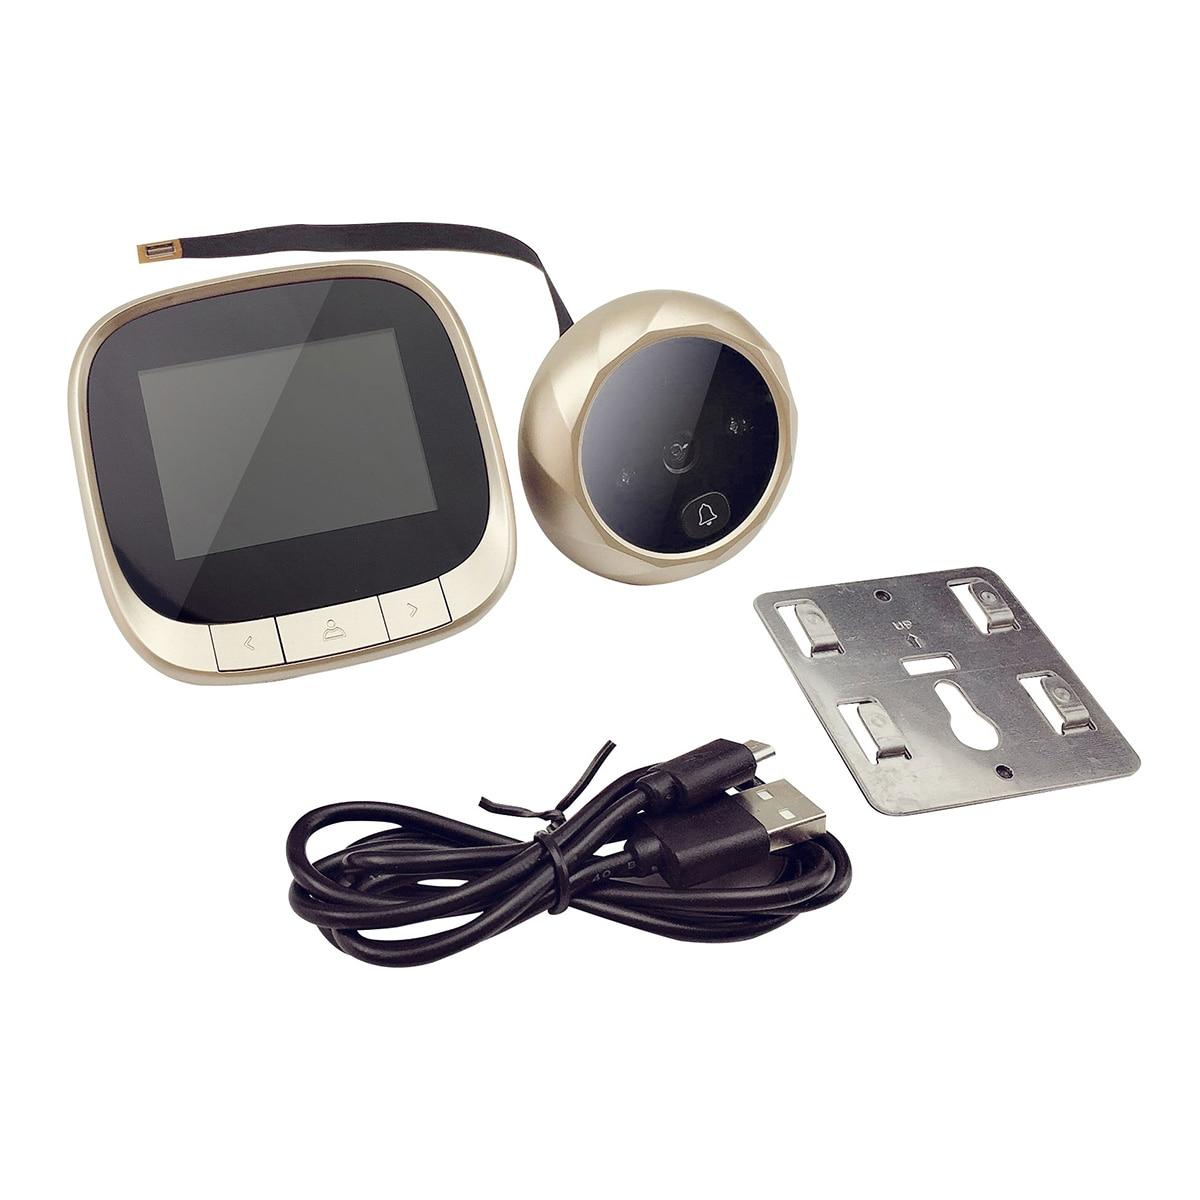 جرس باب إلكتروني بشاشة LCD مقاس 2.4 بوصة ، جرس باب رقمي لاسلكي ، شاشة هاتف داخلية عين القط